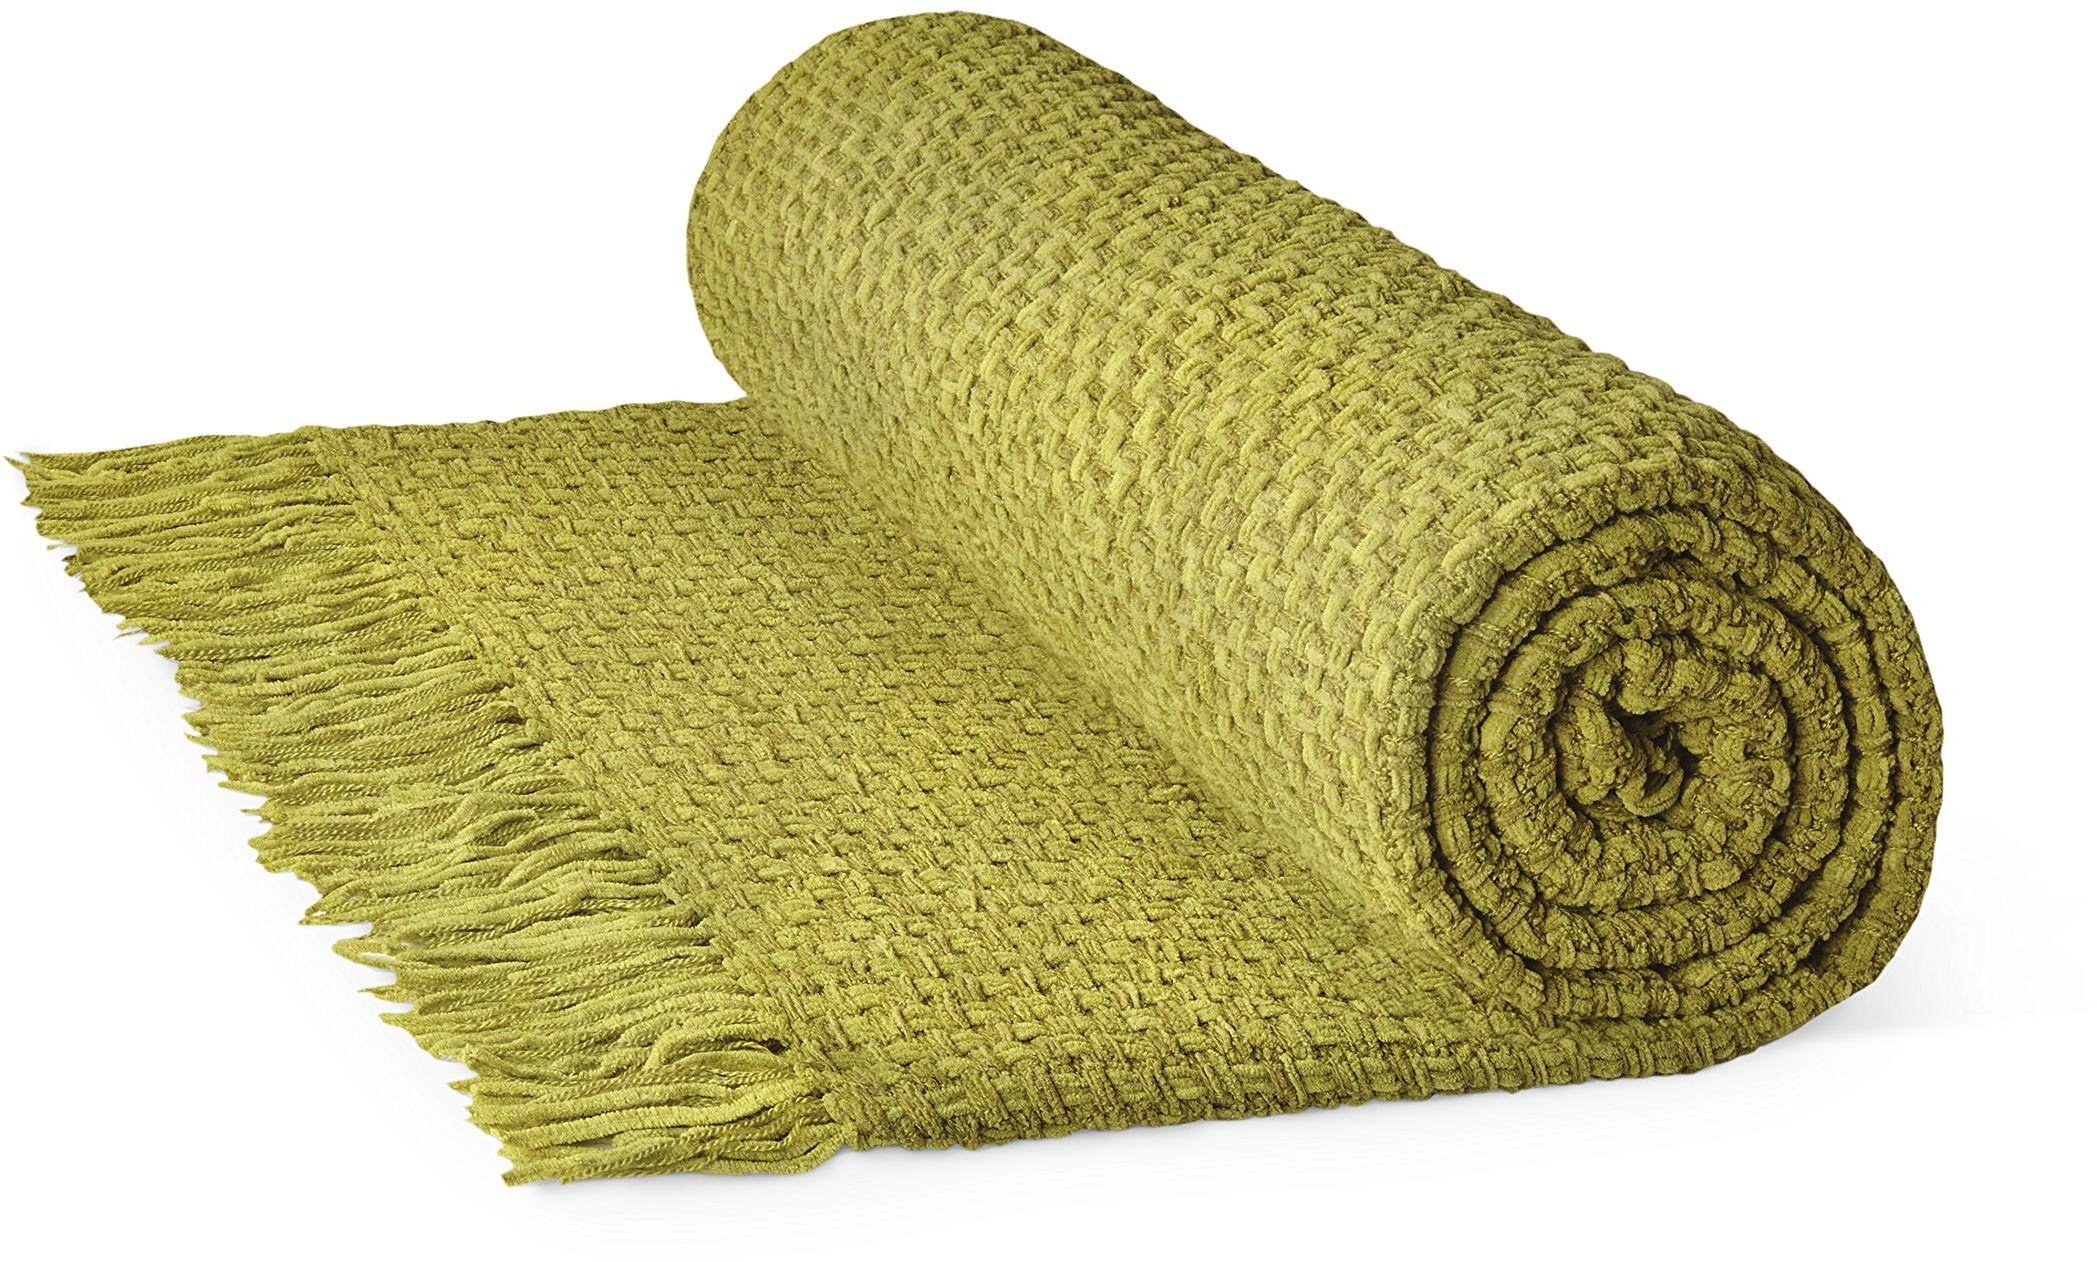 Rapport Aspen kosz splot 100% bawełna narzuta, 150 x 200 cm - oliwkowy, pojedynczy